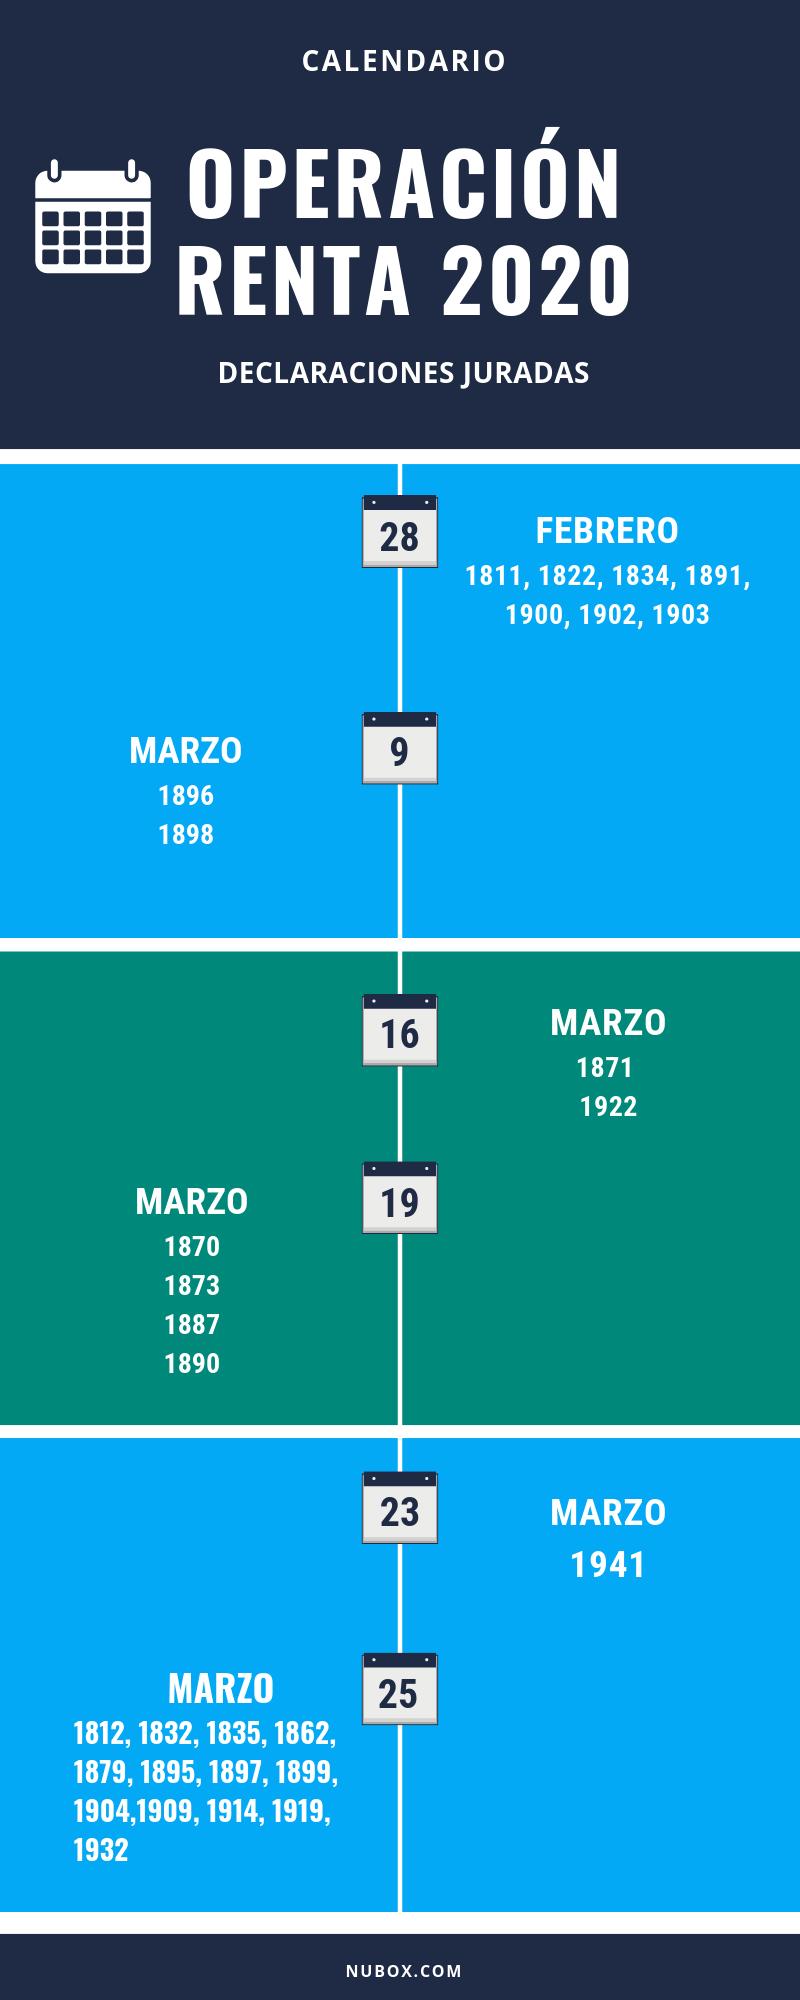 Infografía - Calendario de presentación de Declaraciones Juradas para la Operación Renta 2020.